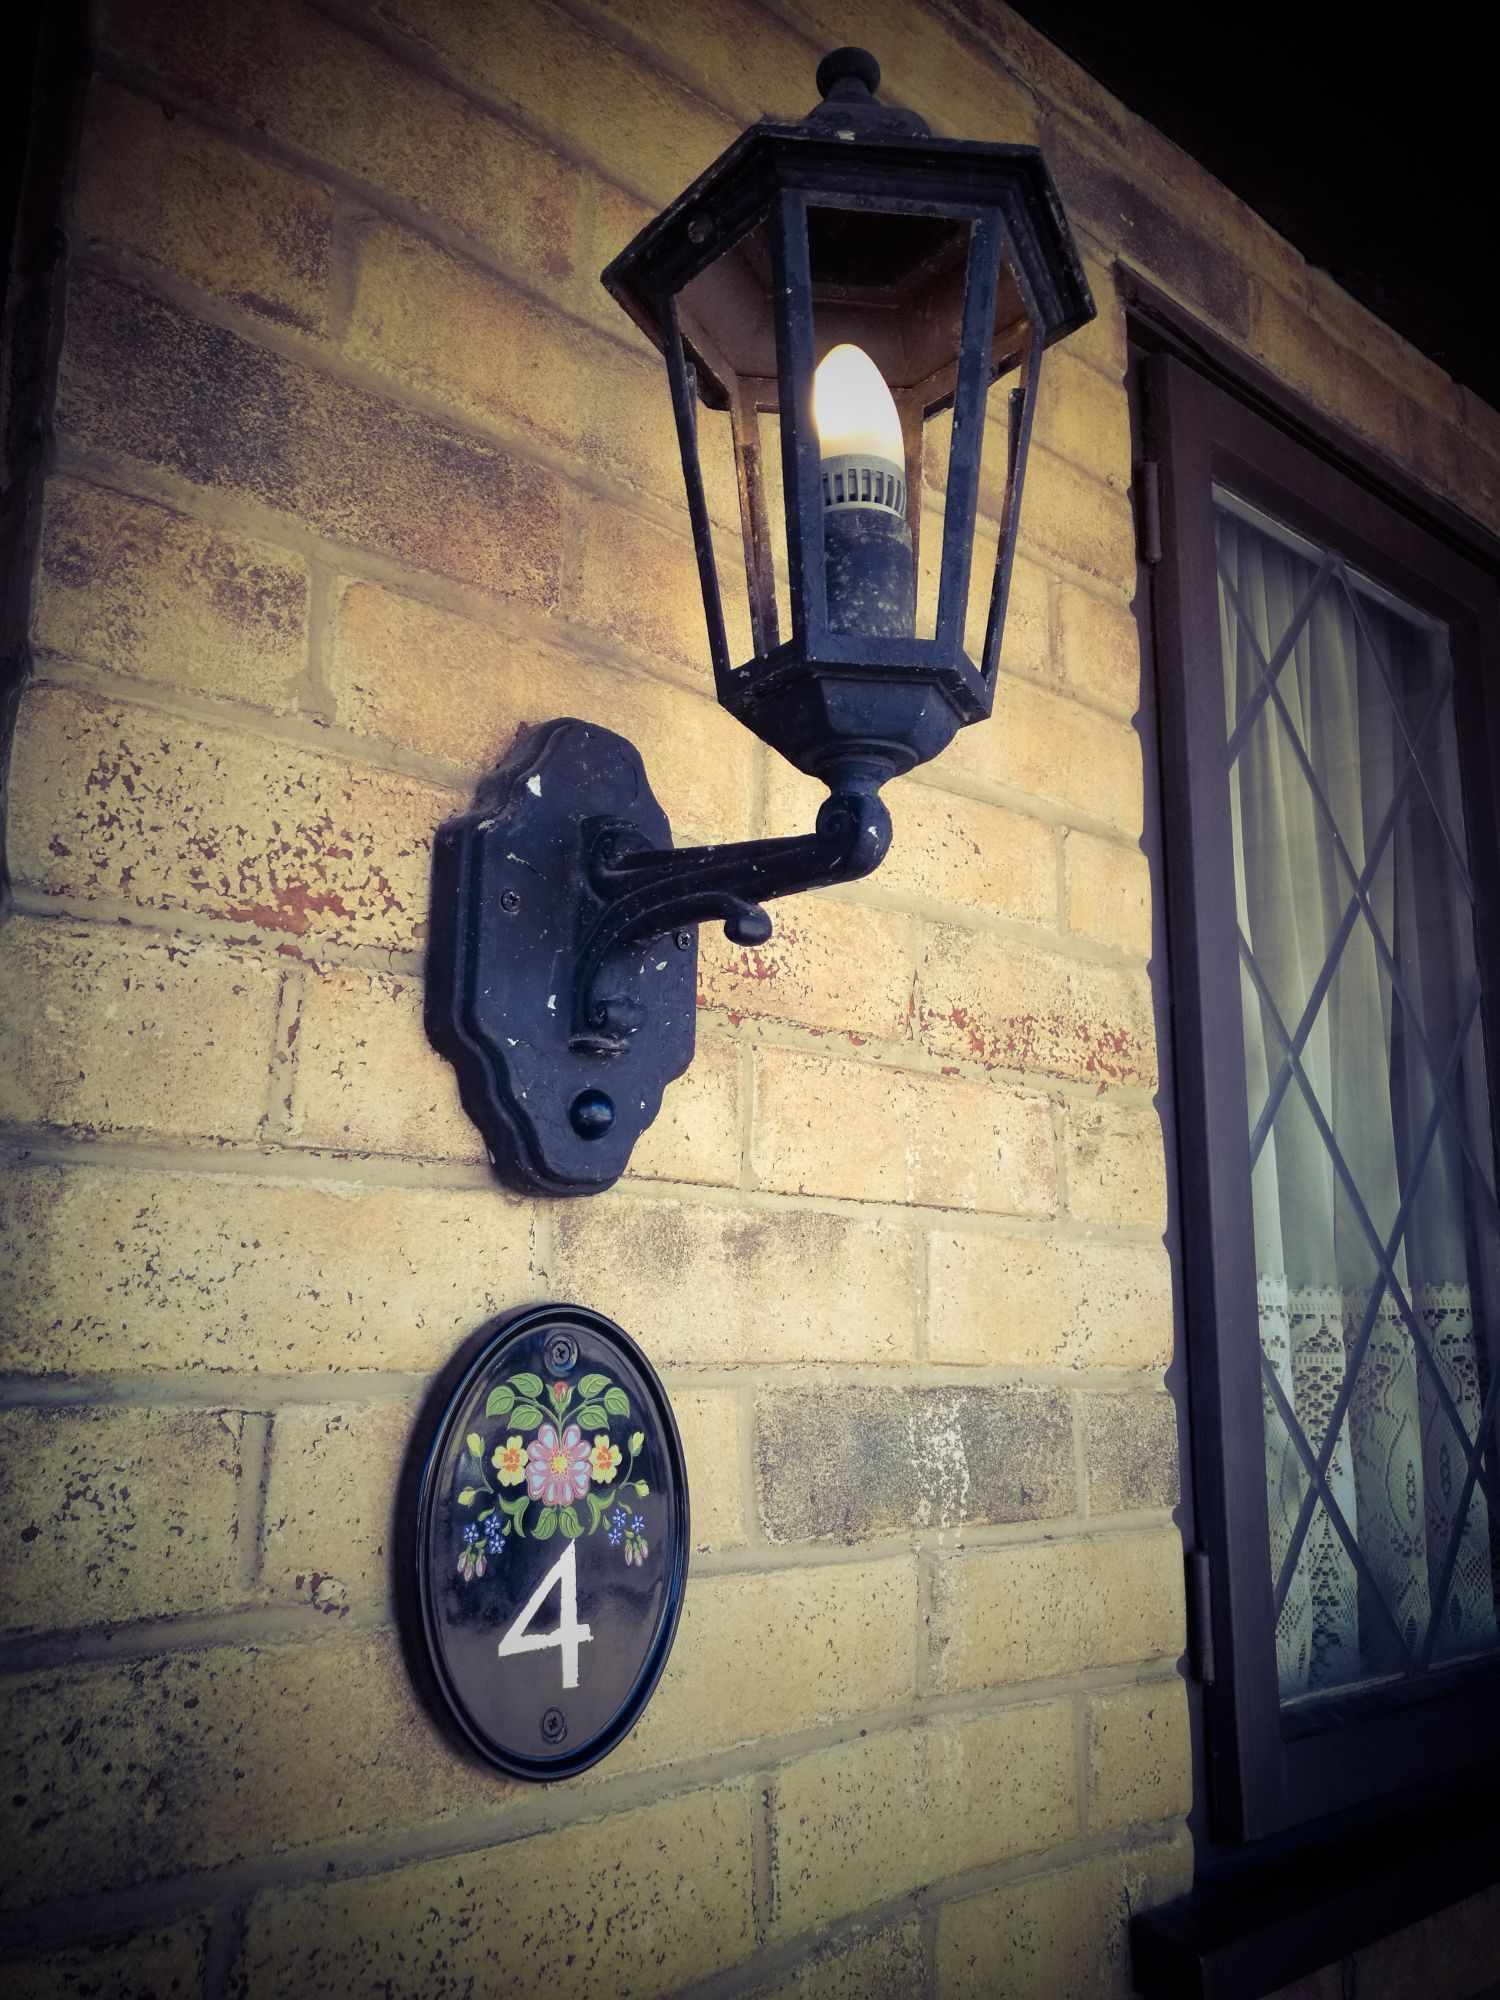 4 Privet Drive, Little Whinging, Surrey - Studios Harry Potter  Londres